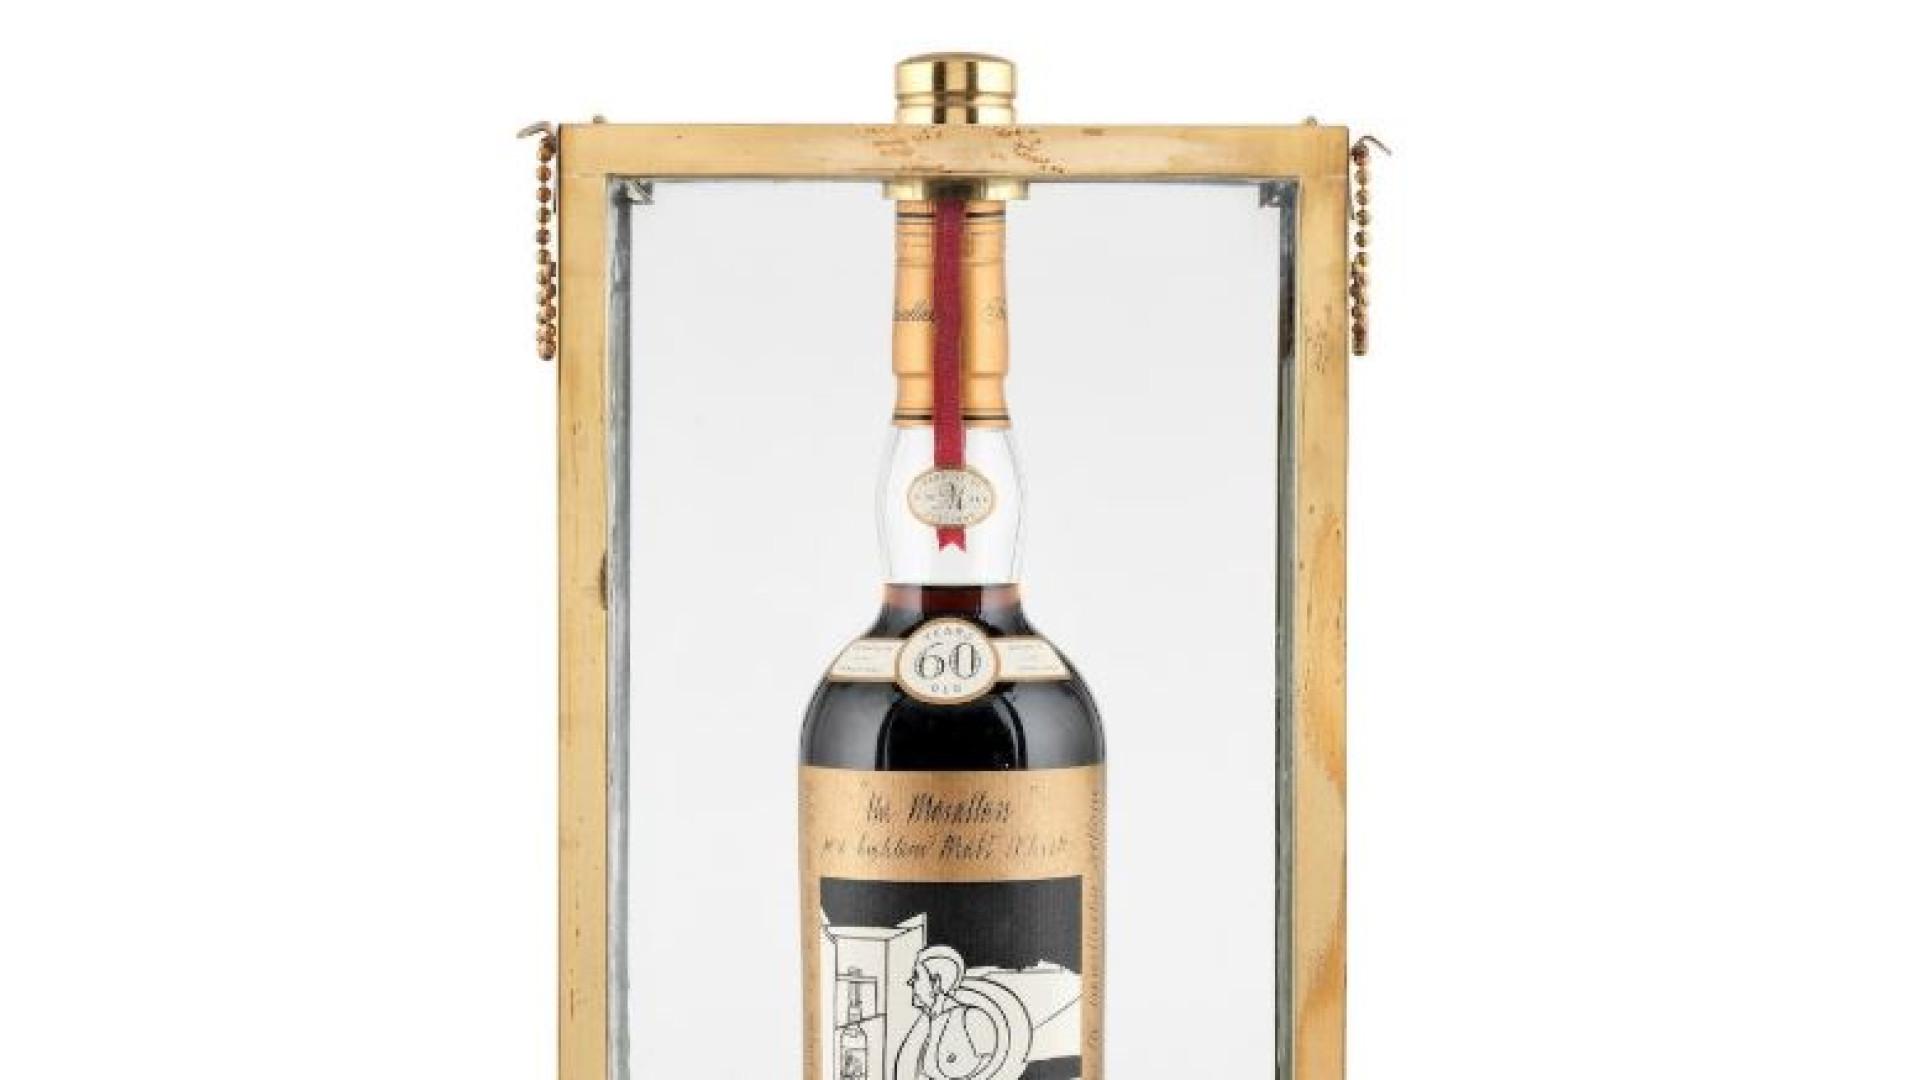 Esta garrafa de whisky foi leiloada pelo valor recorde de... Um milhão